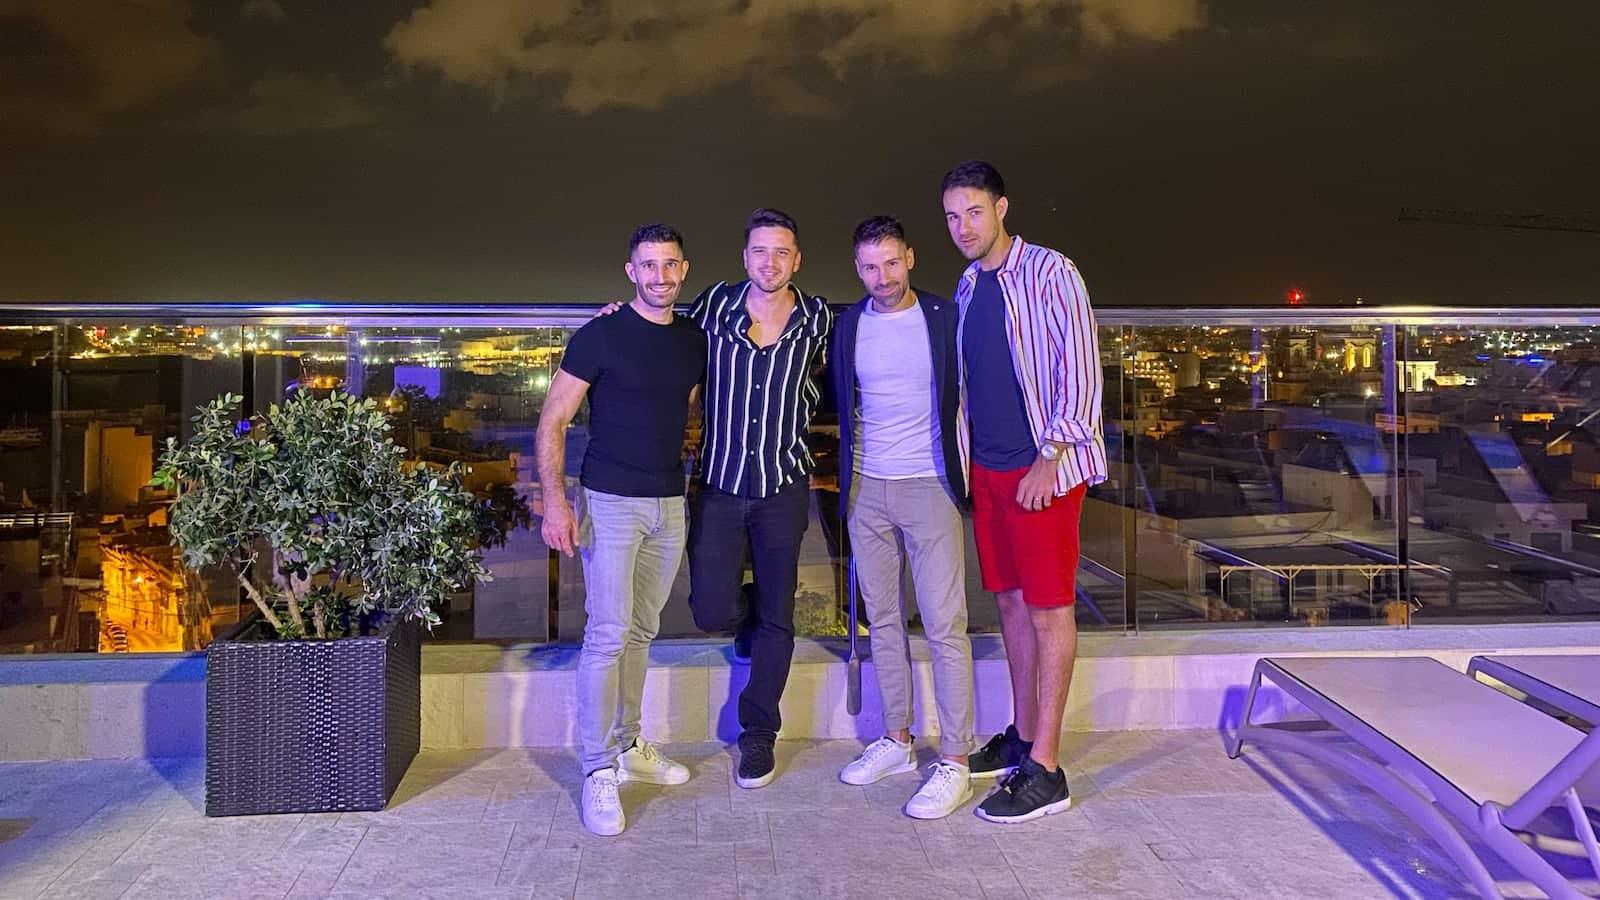 Gay boys in Malta at TemptAsian restaurant